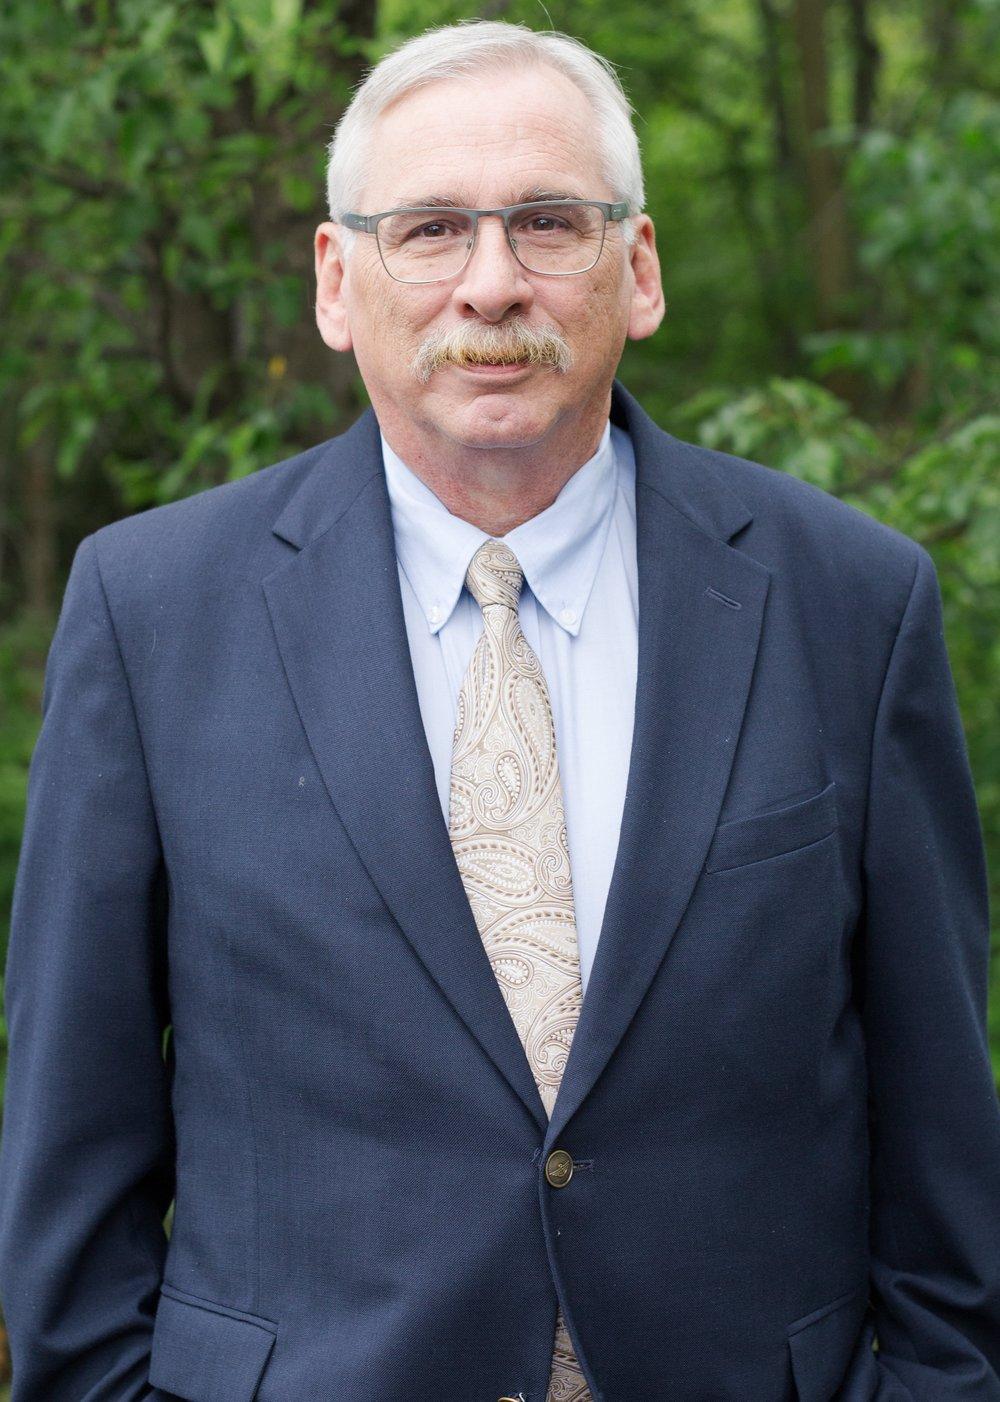 Ken Poulter - Plumbing Engineer